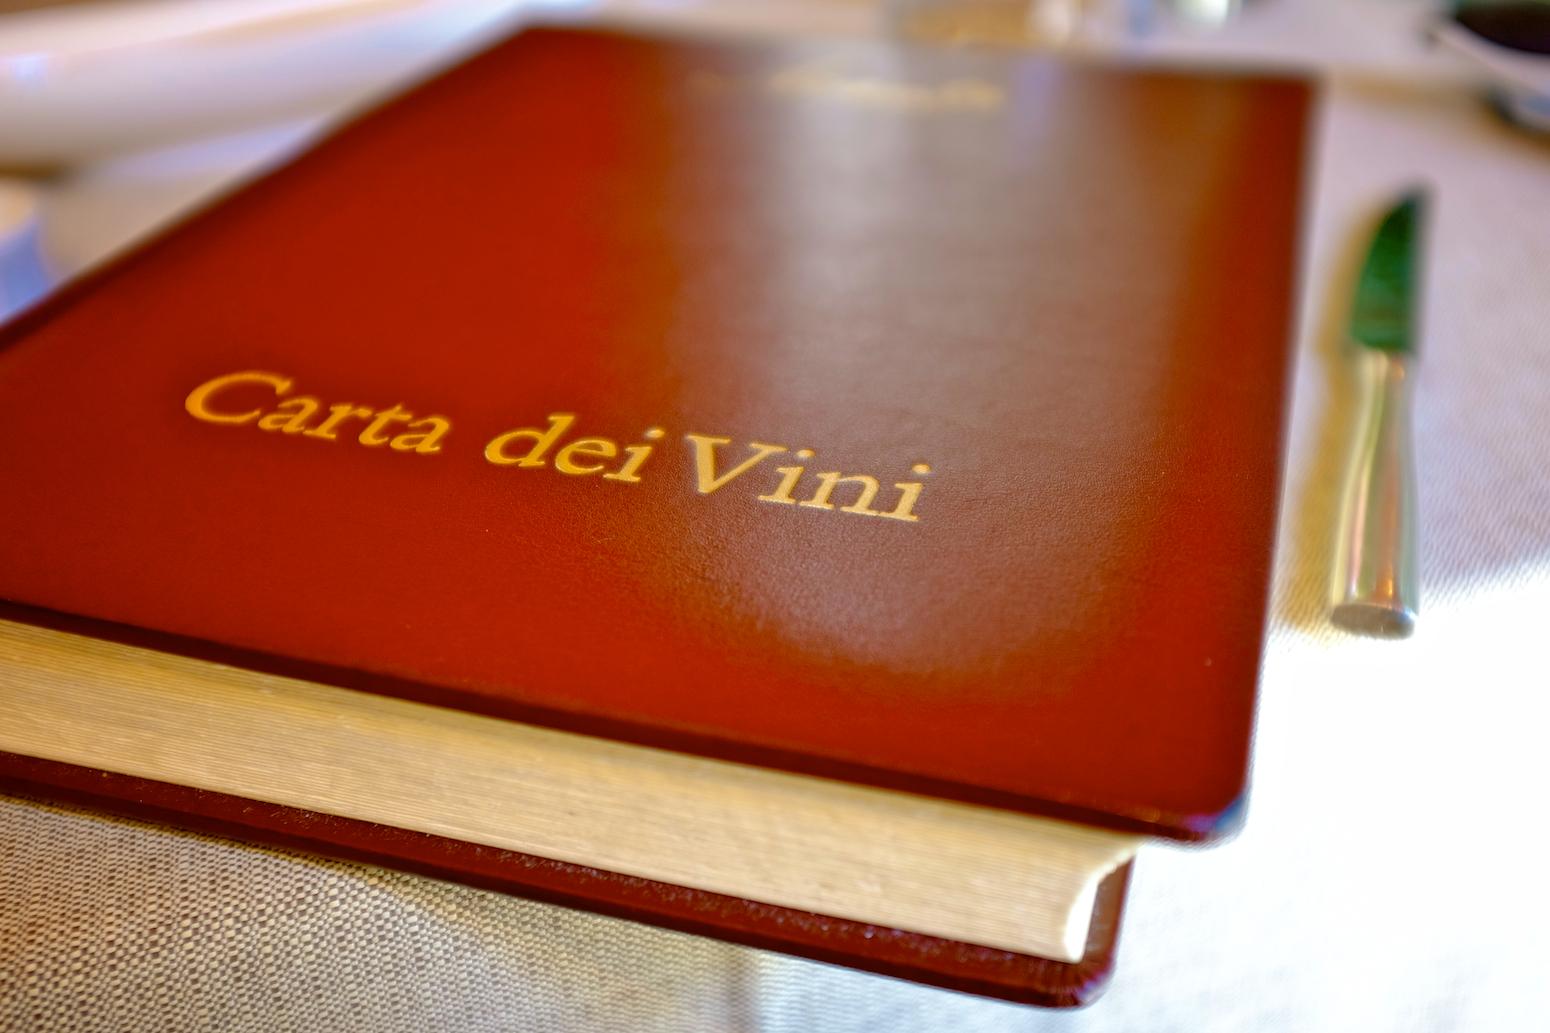 Acanto wine list